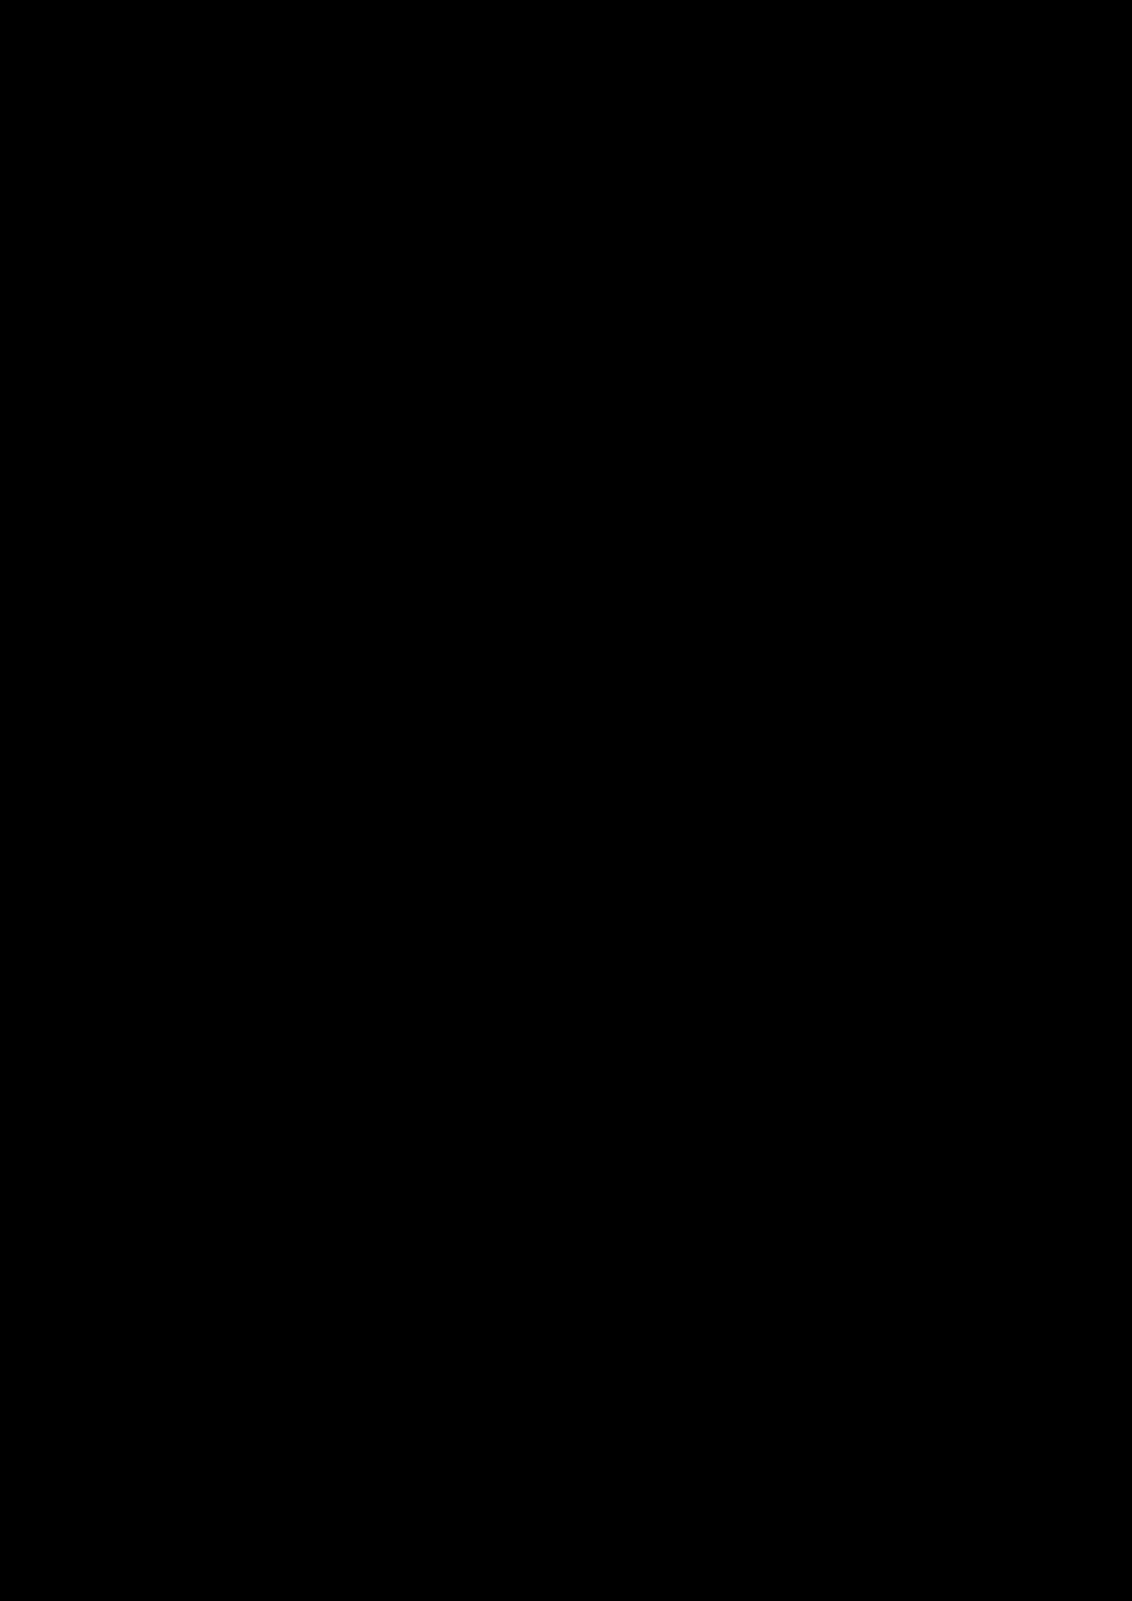 Osobyiy Rezon slide, Image 7